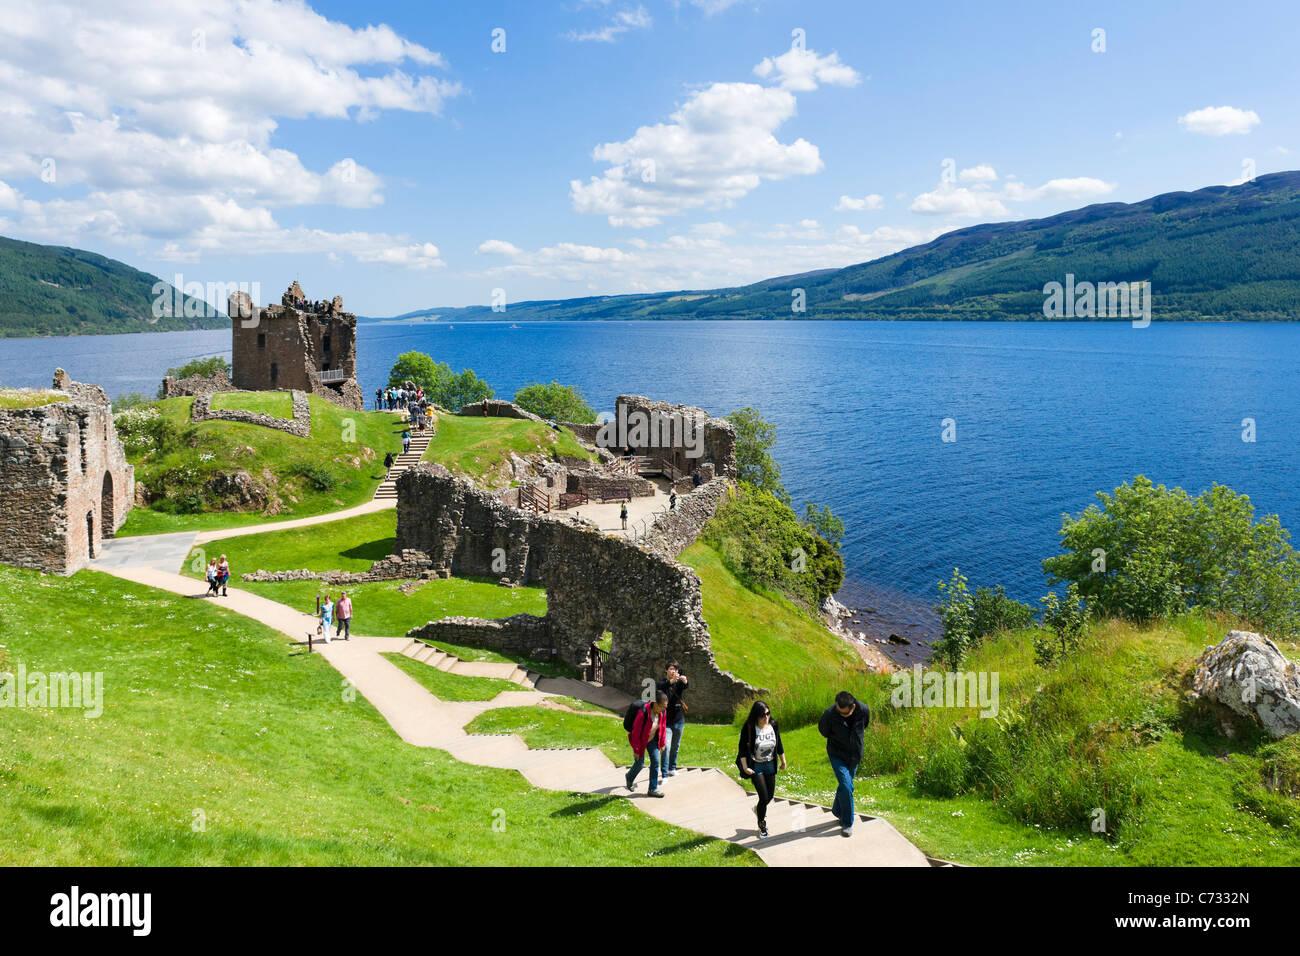 Urquhart Castle sur la rive occidentale du Loch Ness (site de nombreuses observations de Nessie), Inverness, Scotland, Photo Stock